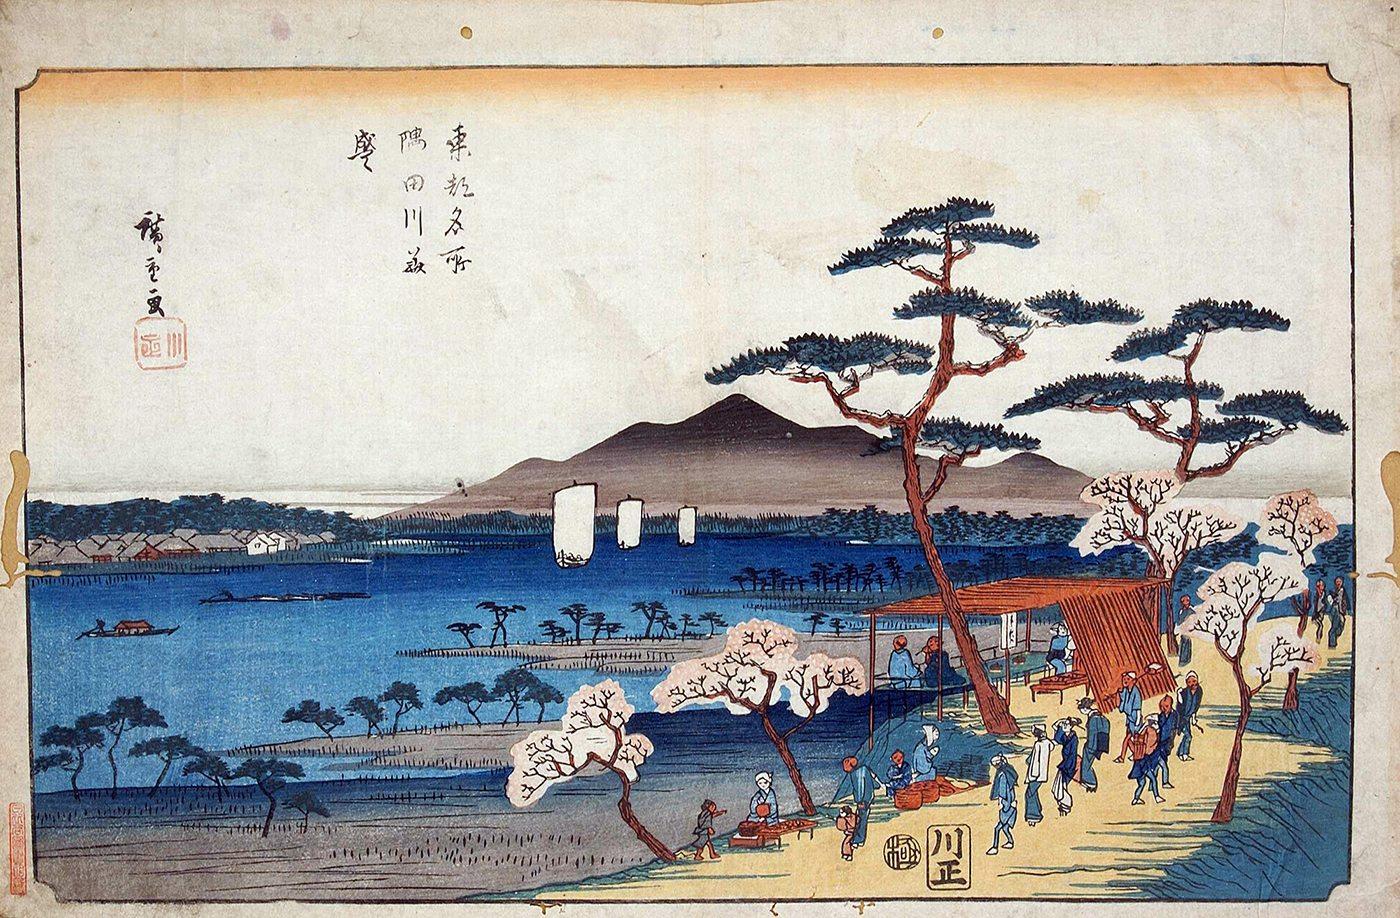 открытки с японскими гравюрами наносится осыпается